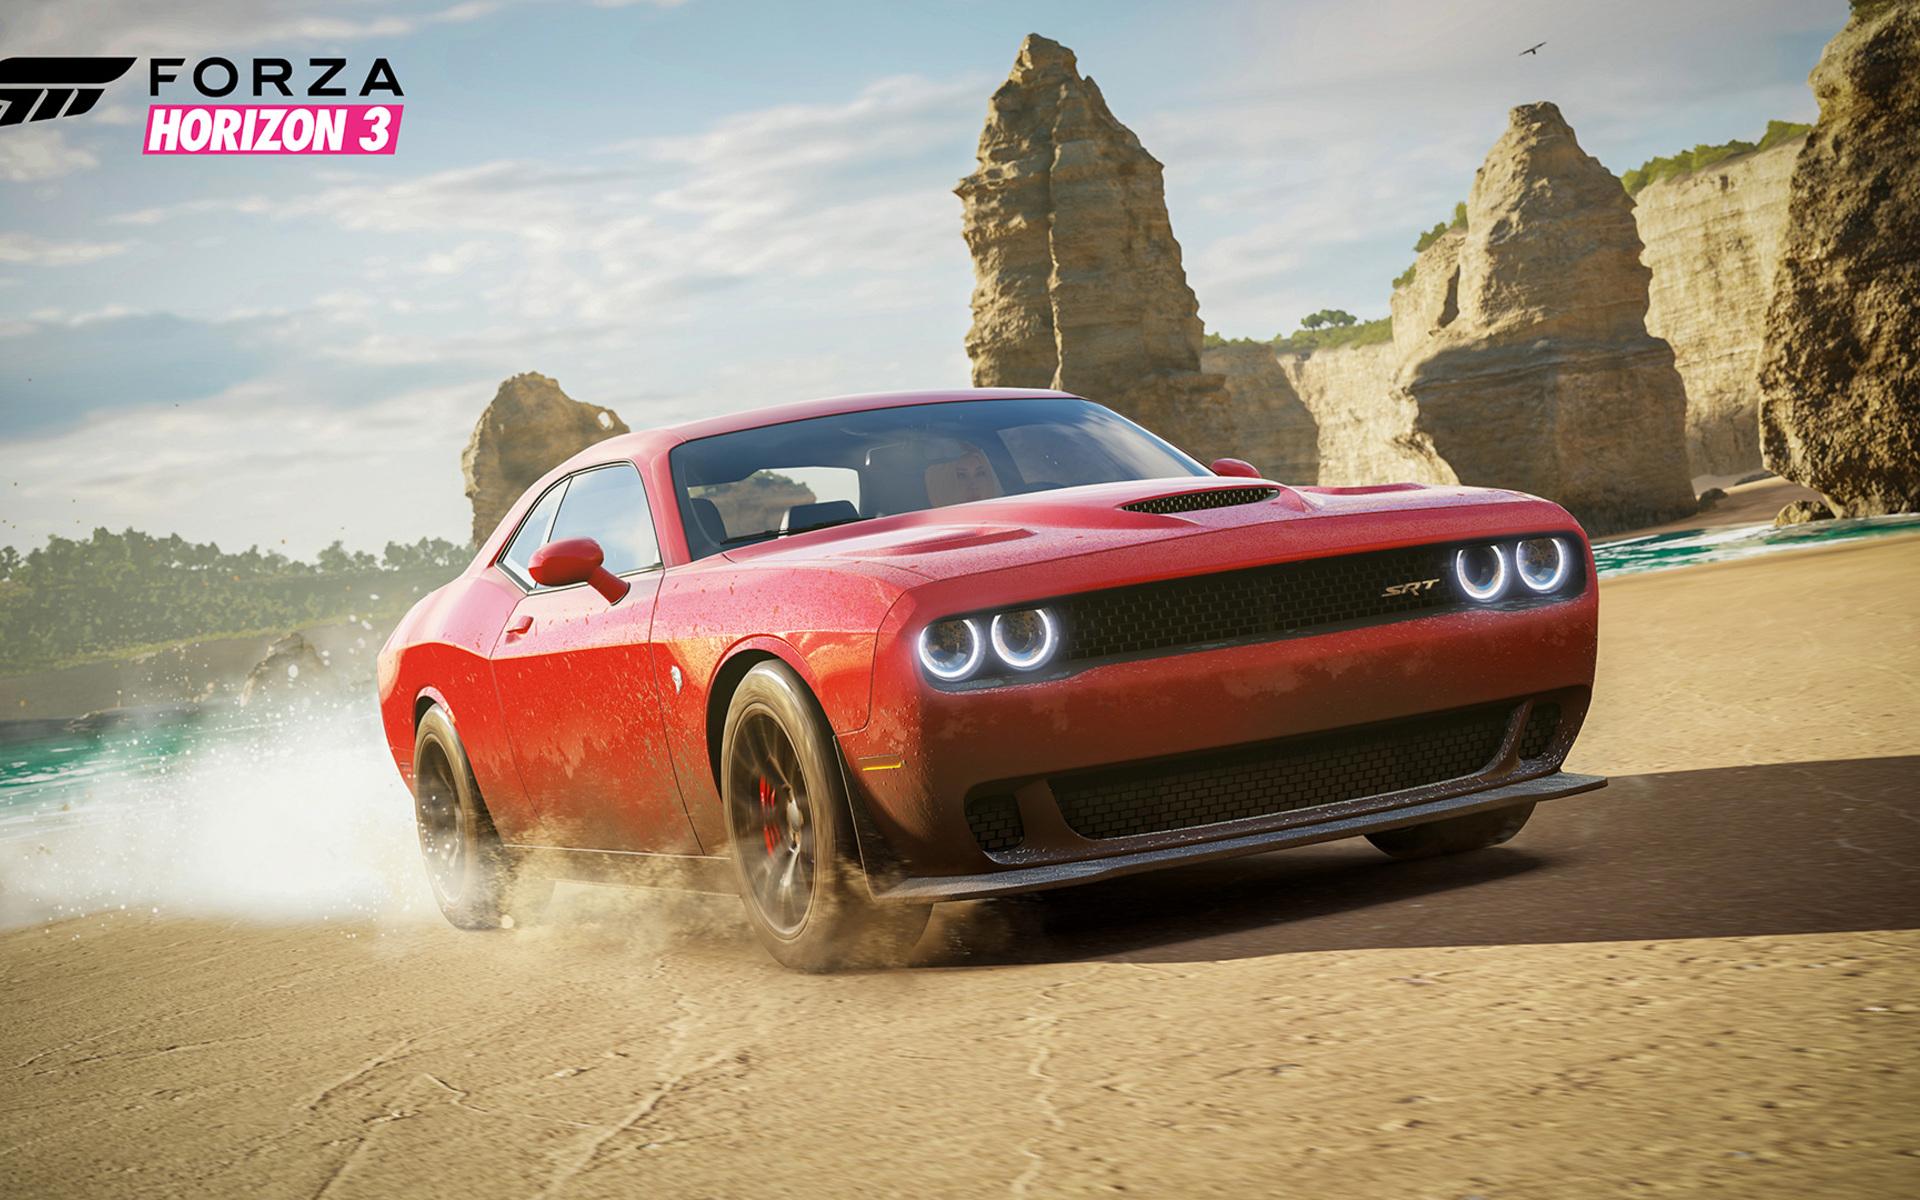 Dodge Hellcat Forza Horizon 3 To